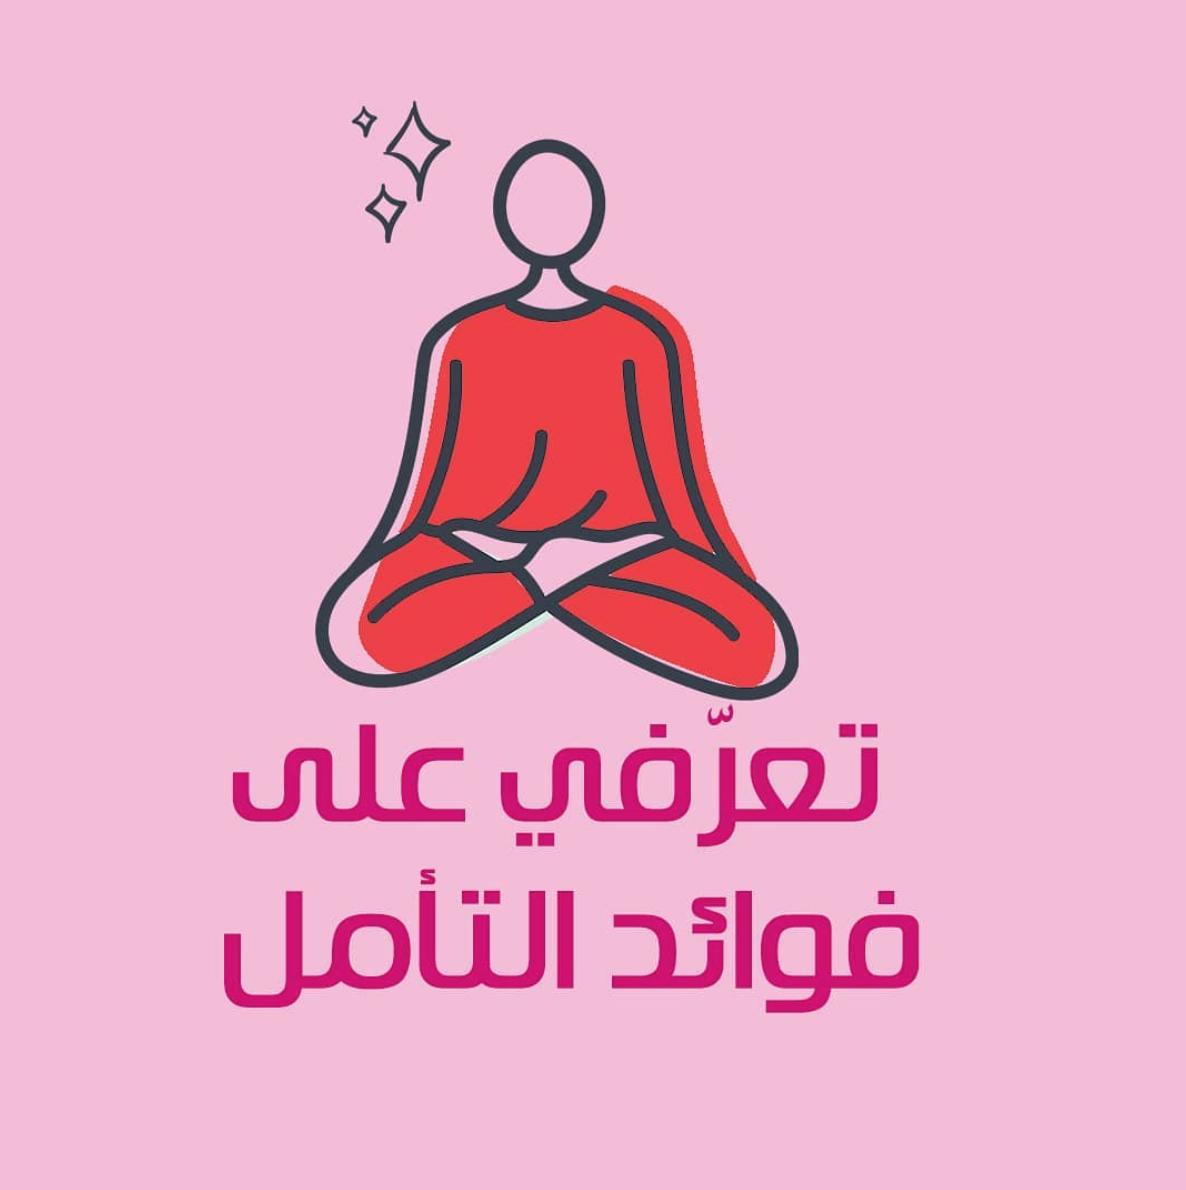 المساعدة في استرخاء الجسد والوصول إلى هدوء العقل للوصول إلى الشعور بالسعادة Yoga Sanctuary Yoga Sanctuary